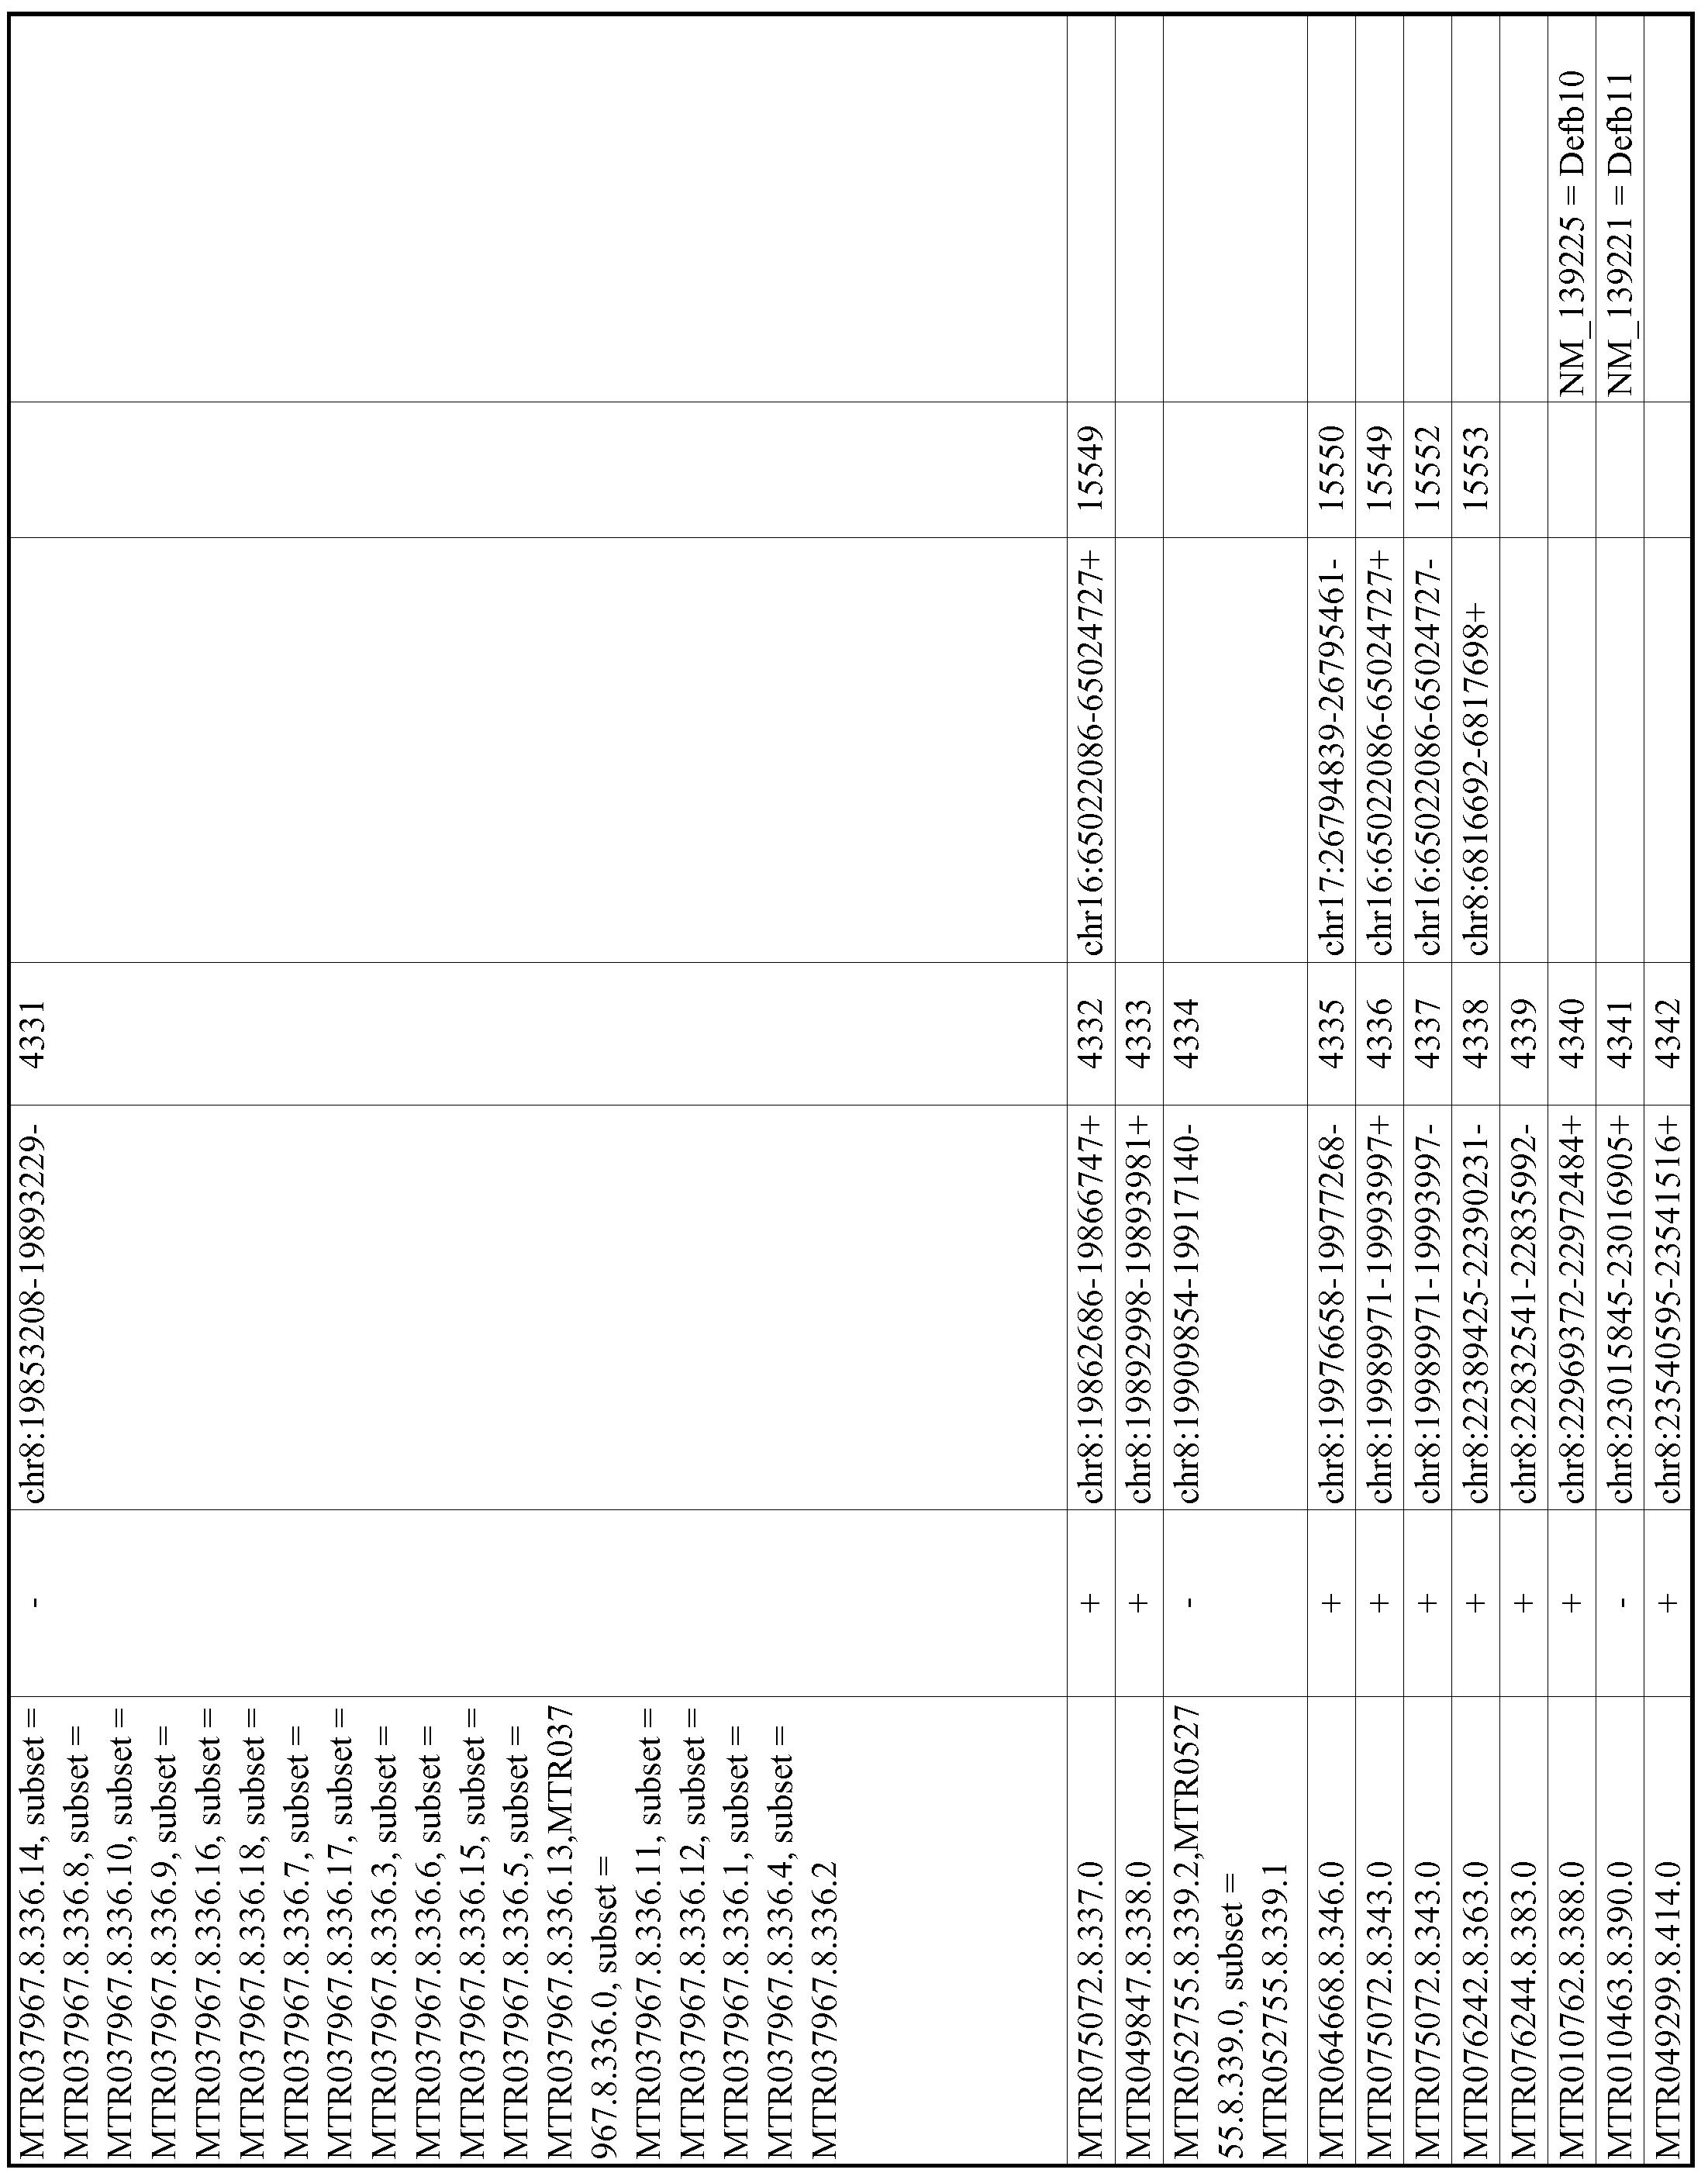 Figure imgf000815_0001